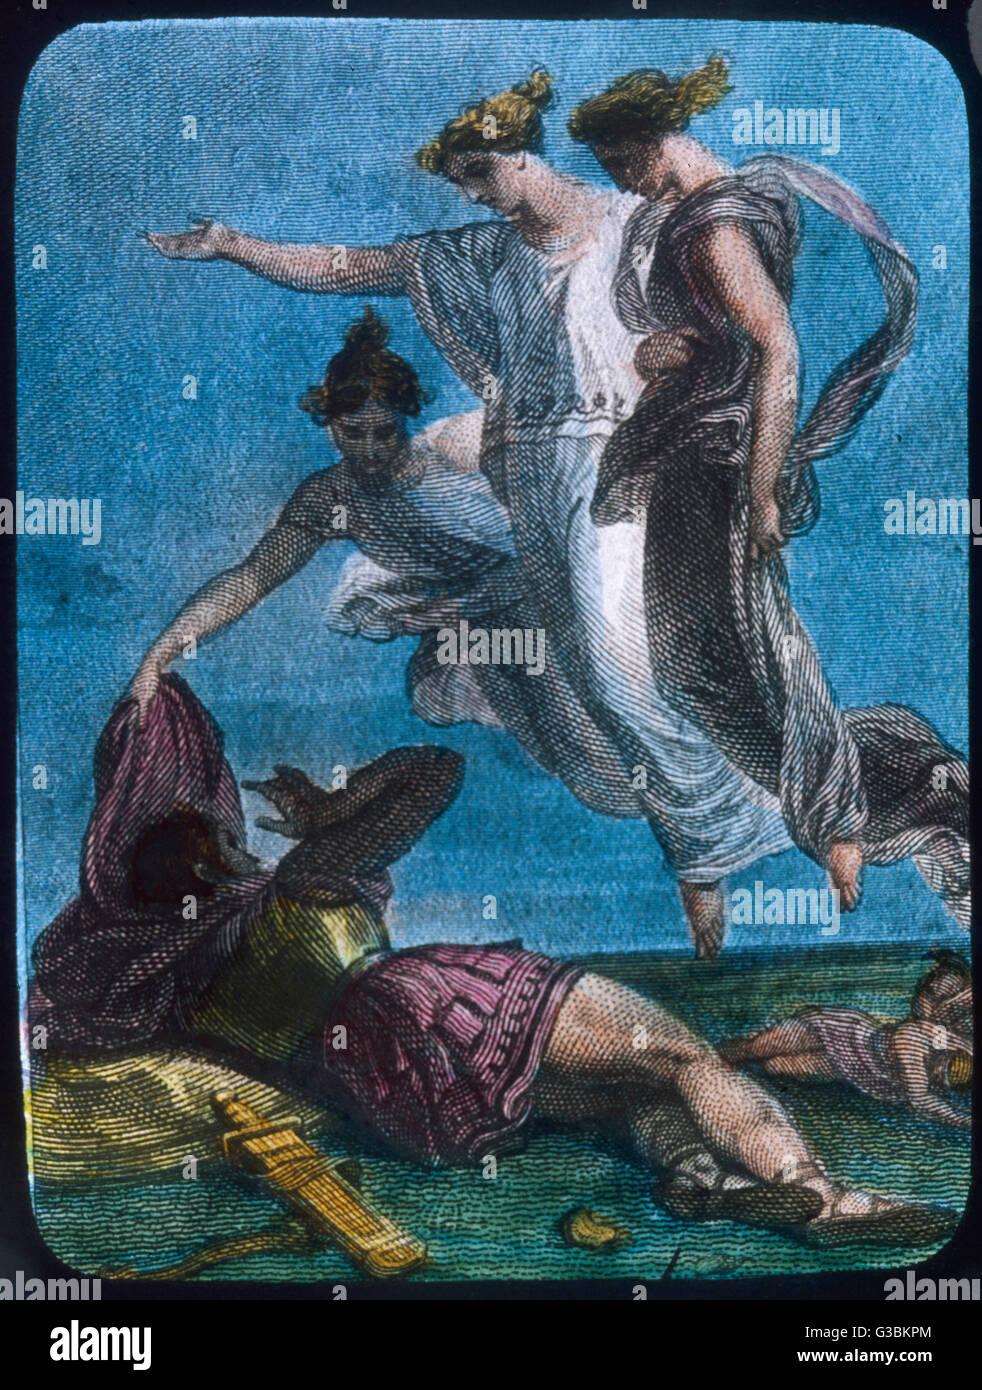 Conte de l'origine: Nymphes en légende classique tendent un guerrier tombé. Photo Stock